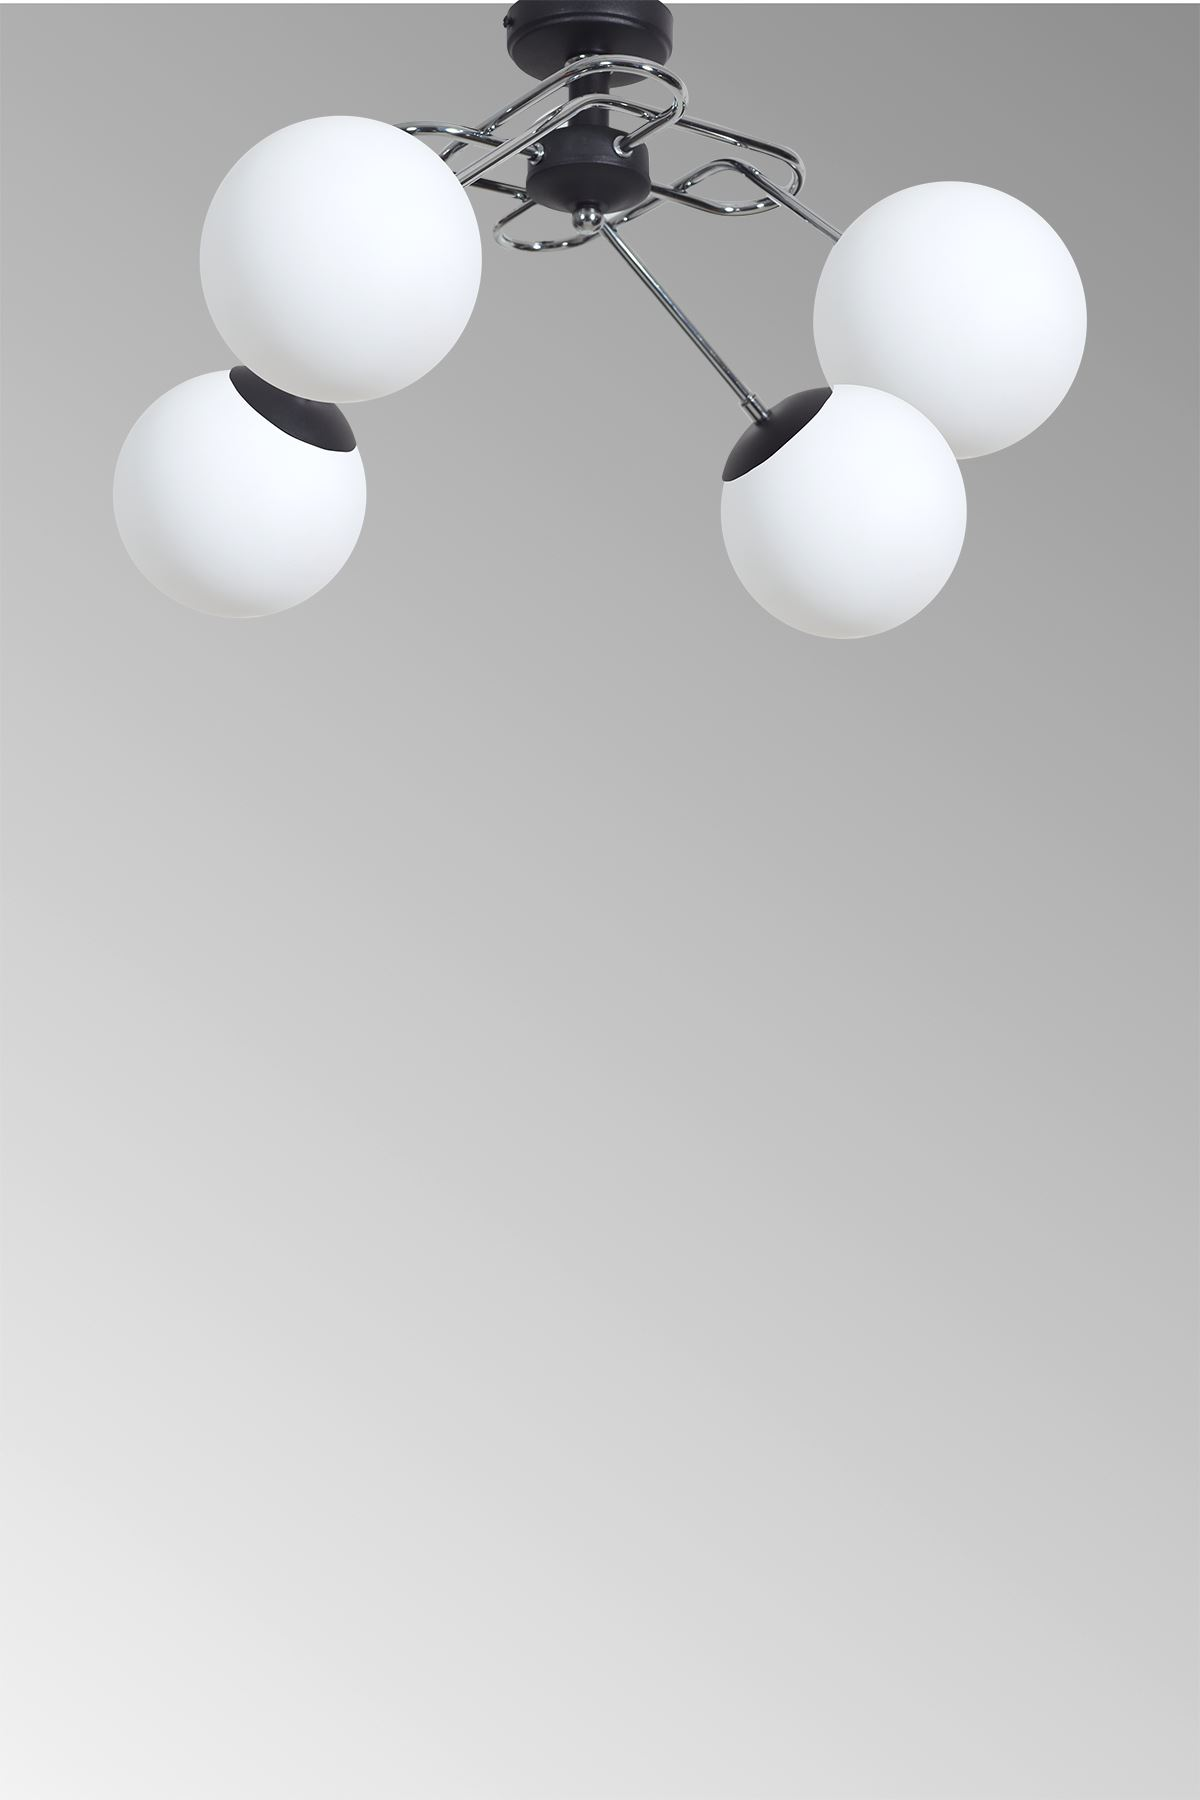 Milo 4 Lü Krom Kollu-Siyah Metal Gövde Beyaz Camlı Tasarım Lüx  Avize